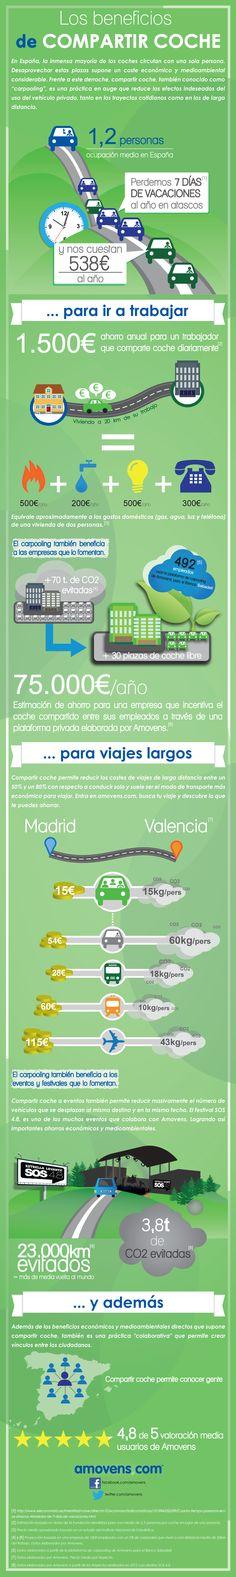 Infografía sobre los usos y beneficios de compartir coche (carpooling) https://www.amovens.com/es/beneficios-compartir-coche